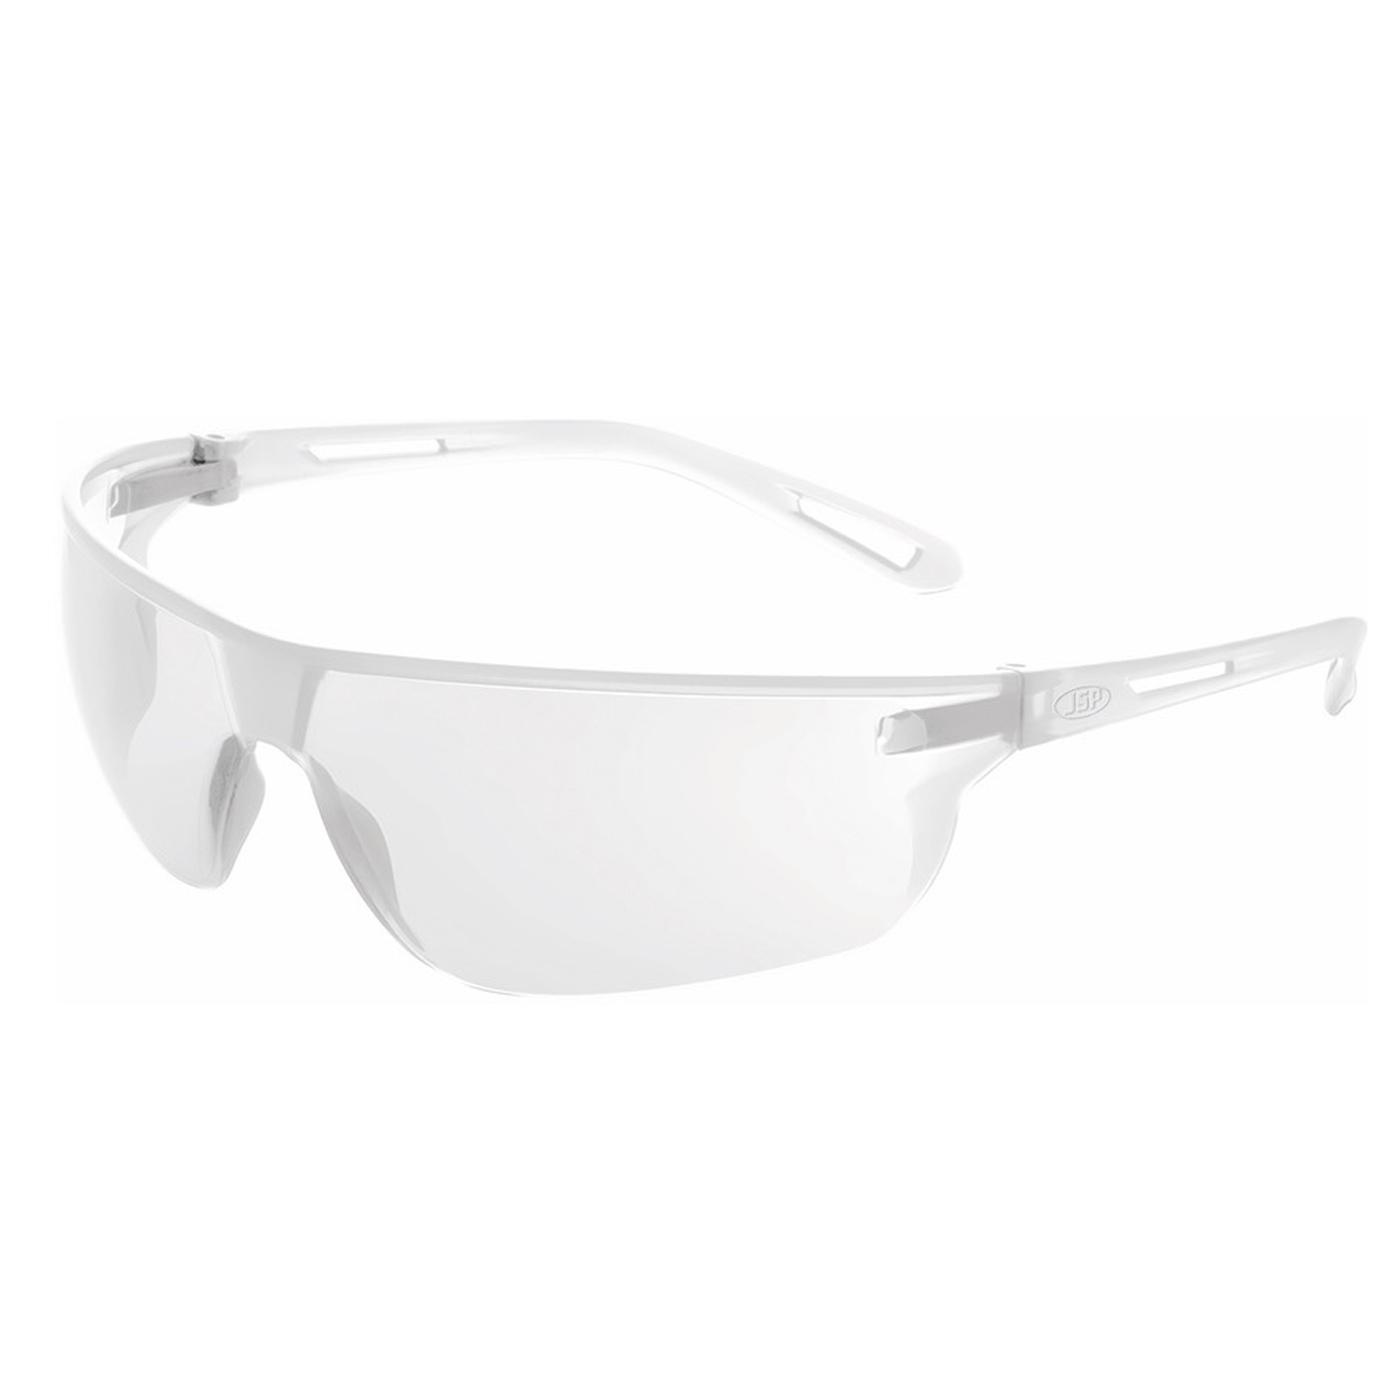 Okulary ochronne Stealth 16g Przezroczyste – K (Nierysujące) ASA920-161-300